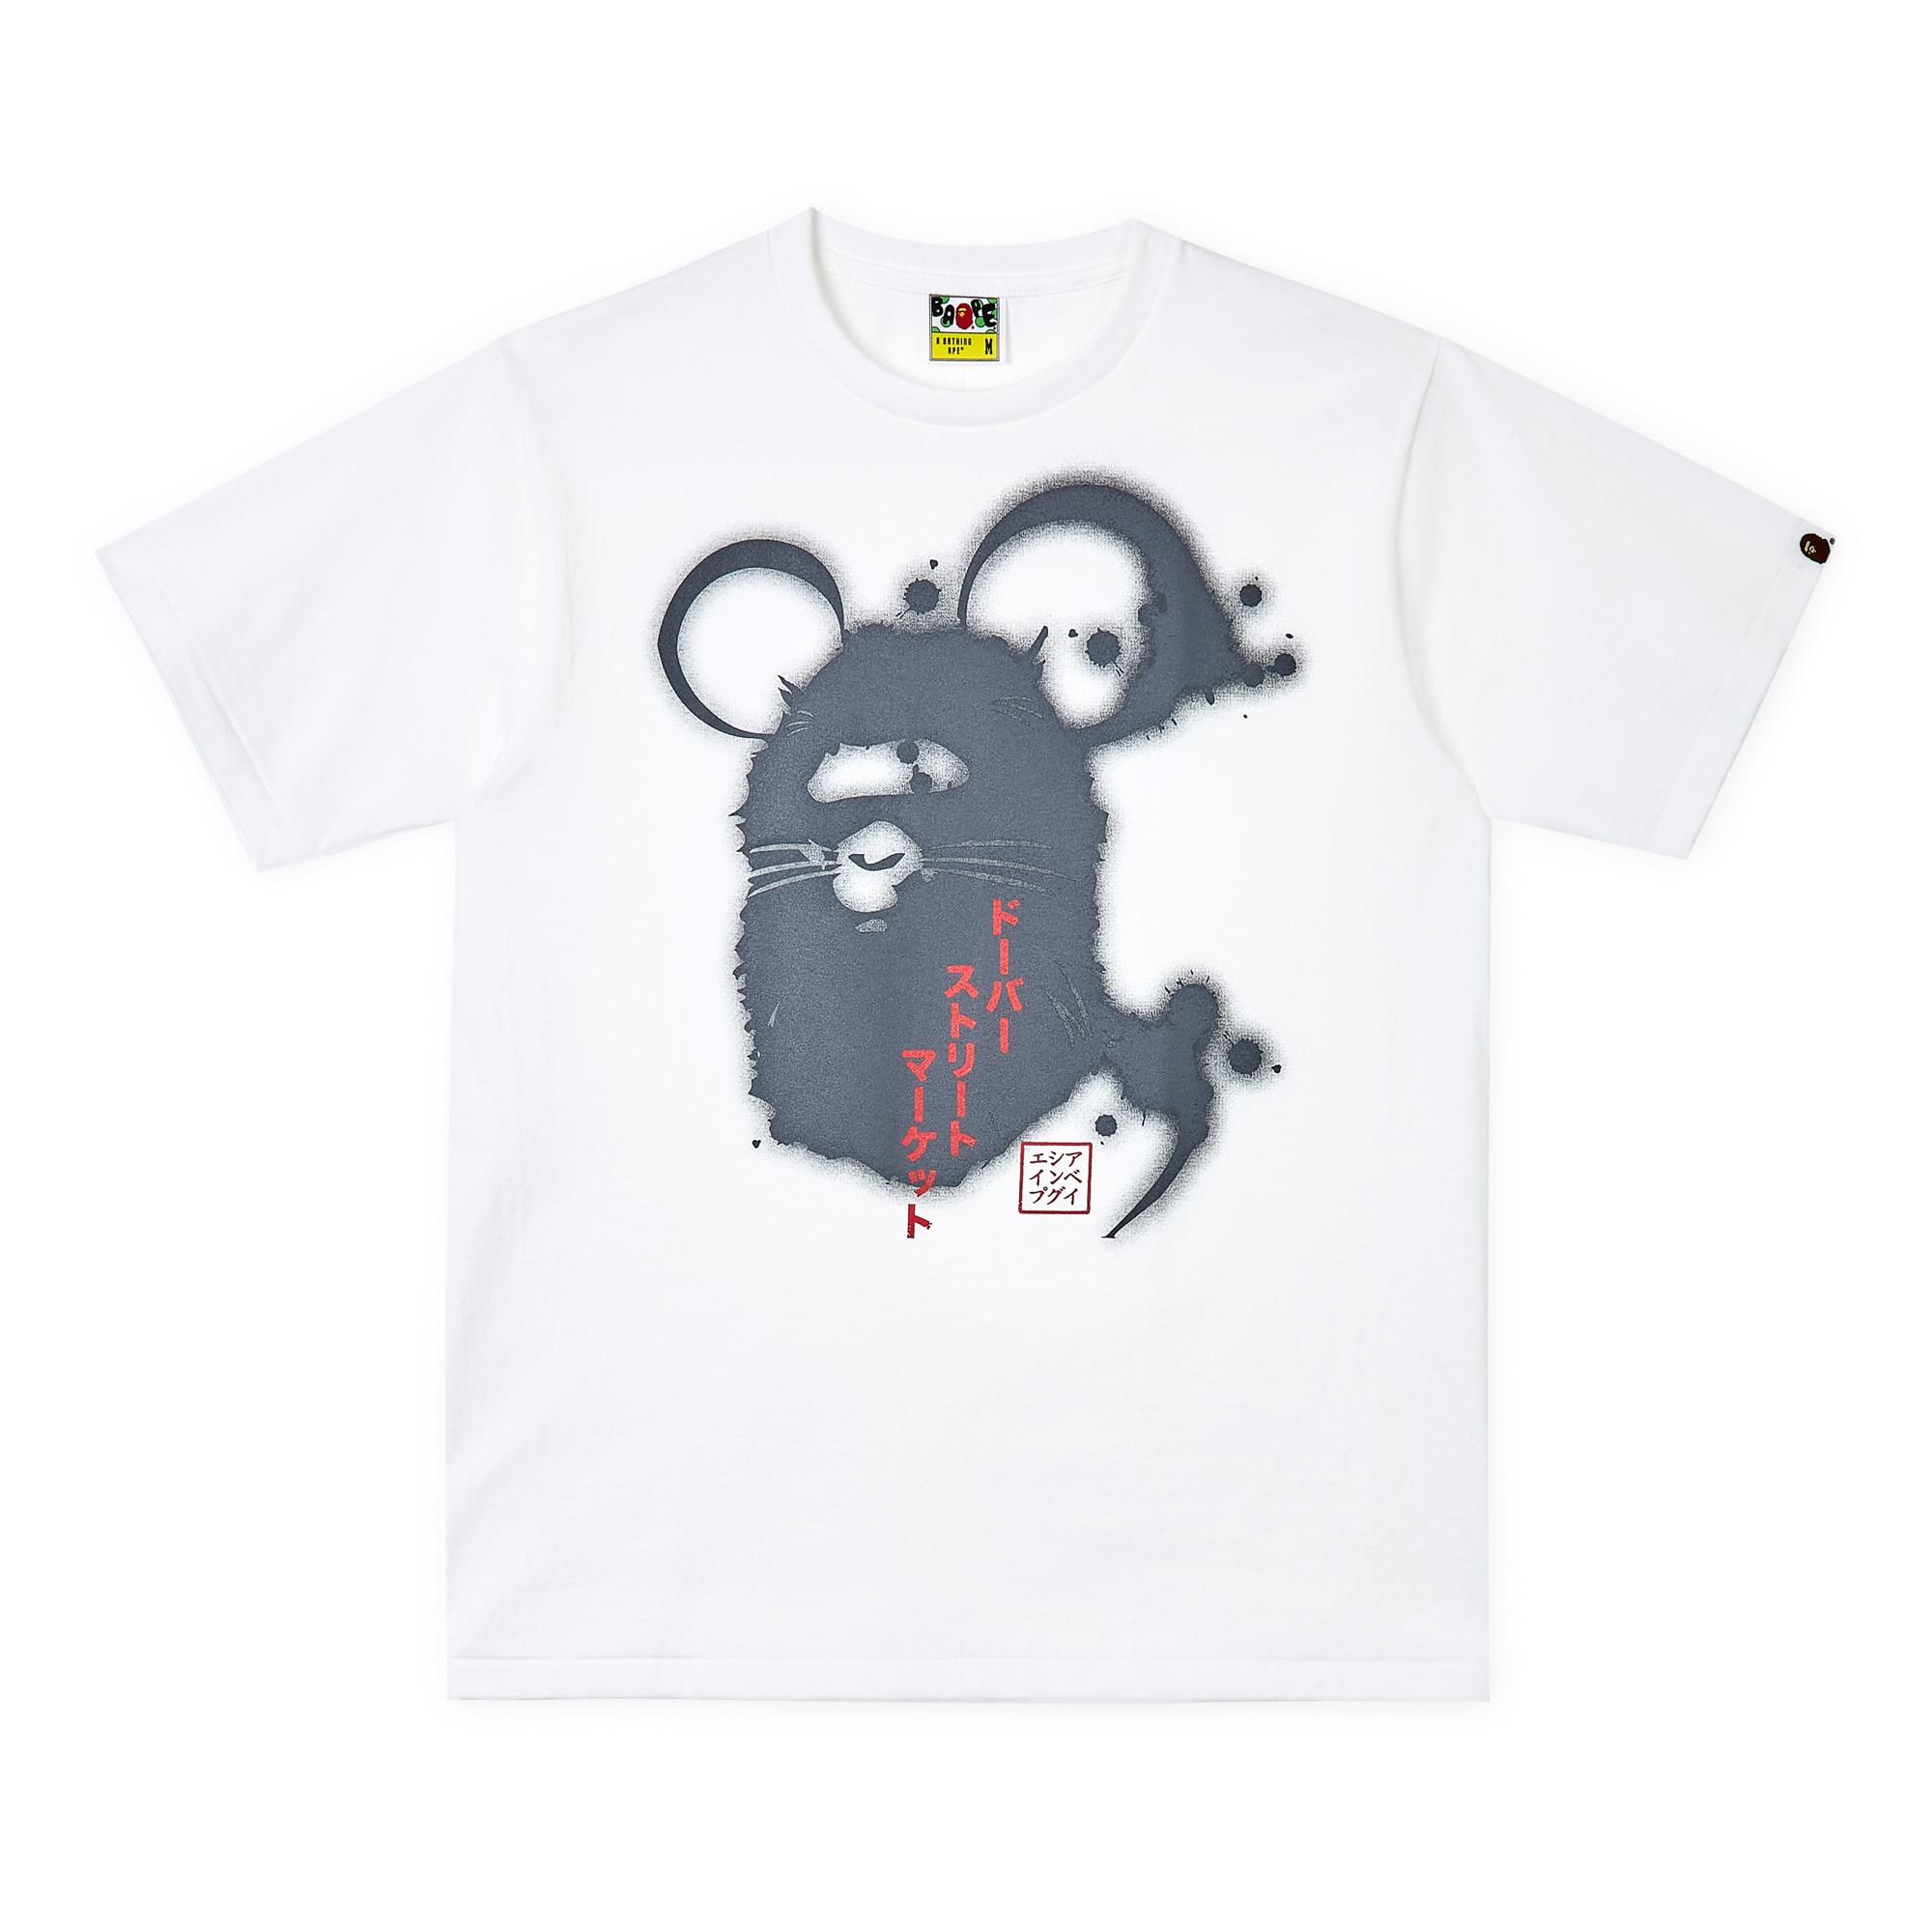 YOTR-T-shirts_Bape_048.jpg